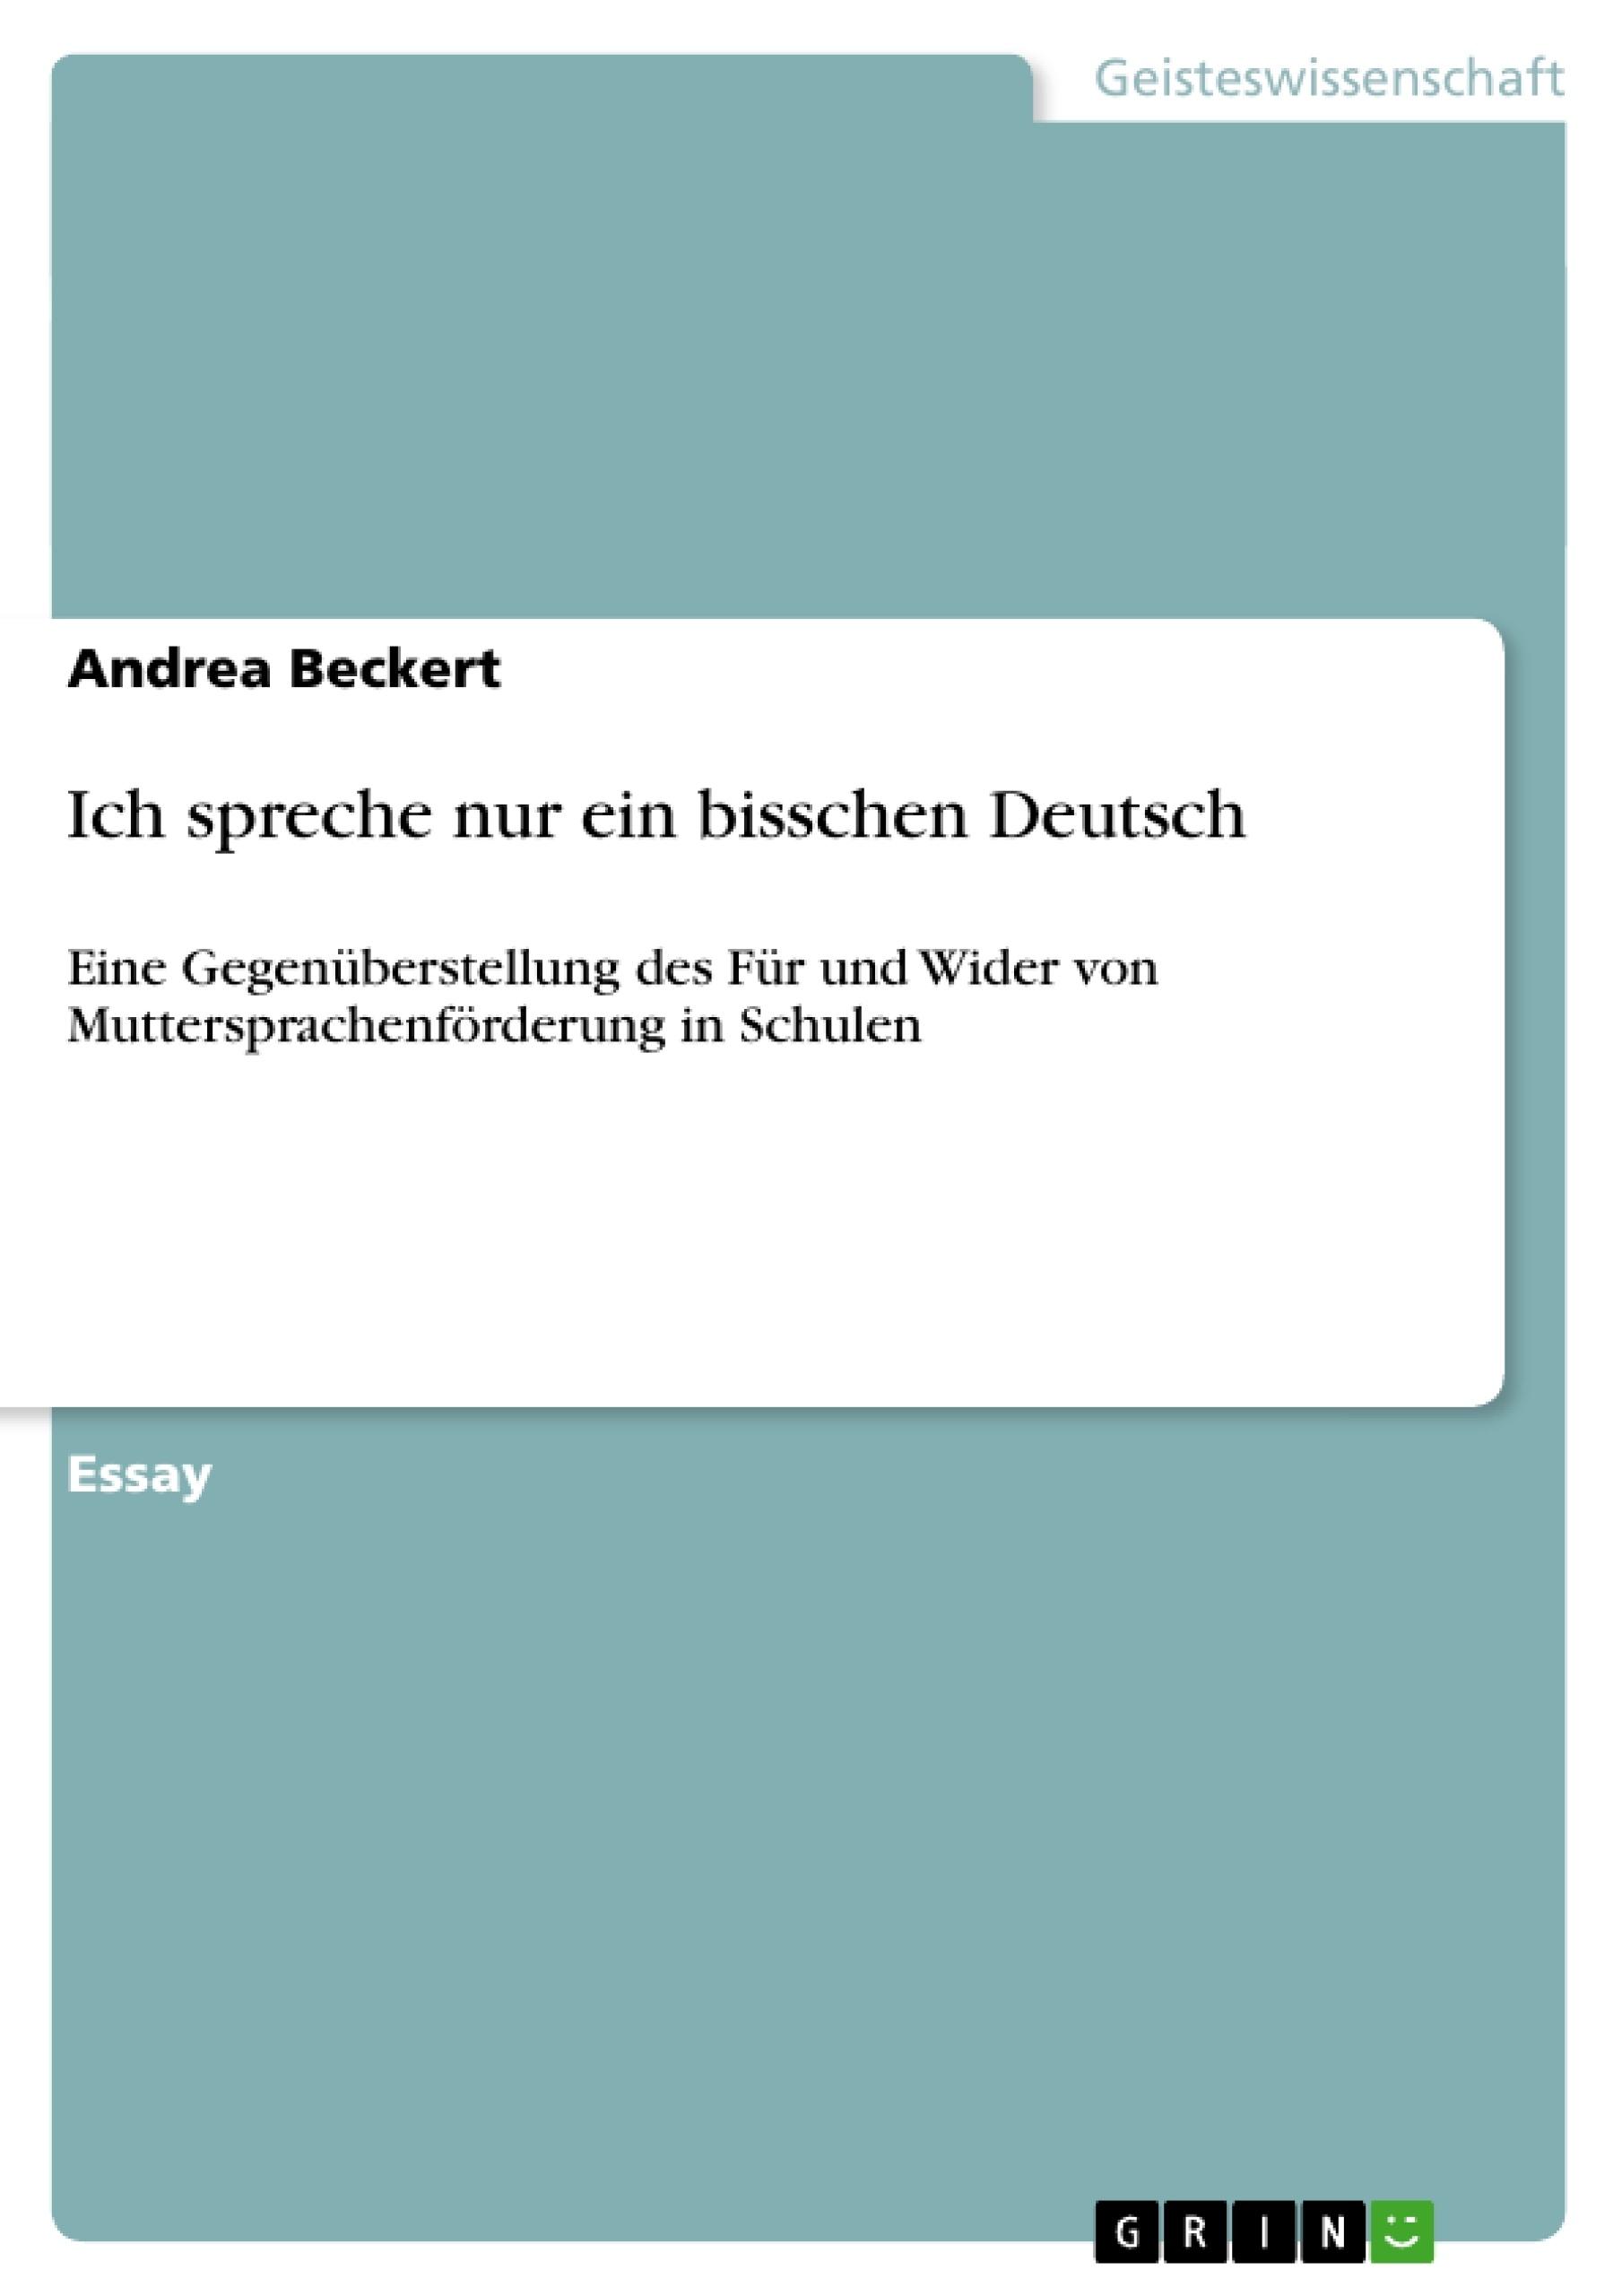 Titel: Ich spreche nur ein bisschen Deutsch